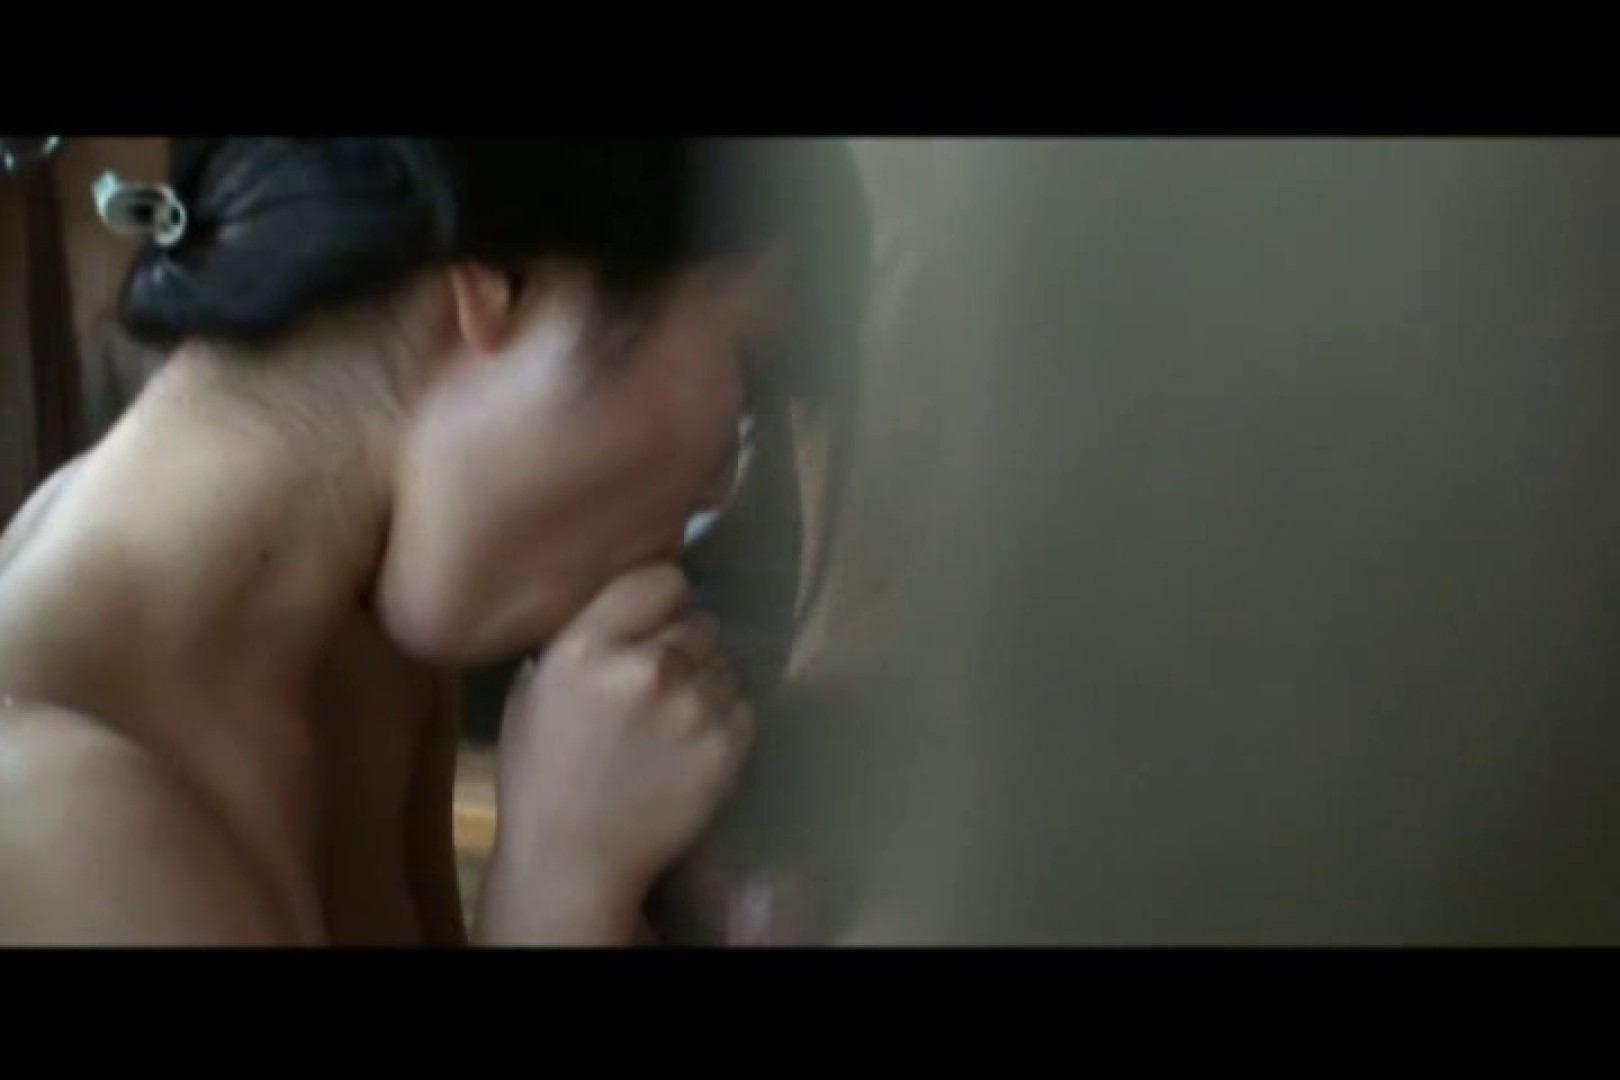 貸切露天 発情カップル! vol.01 露天風呂の女達 | カップルのセックス  101連発 8